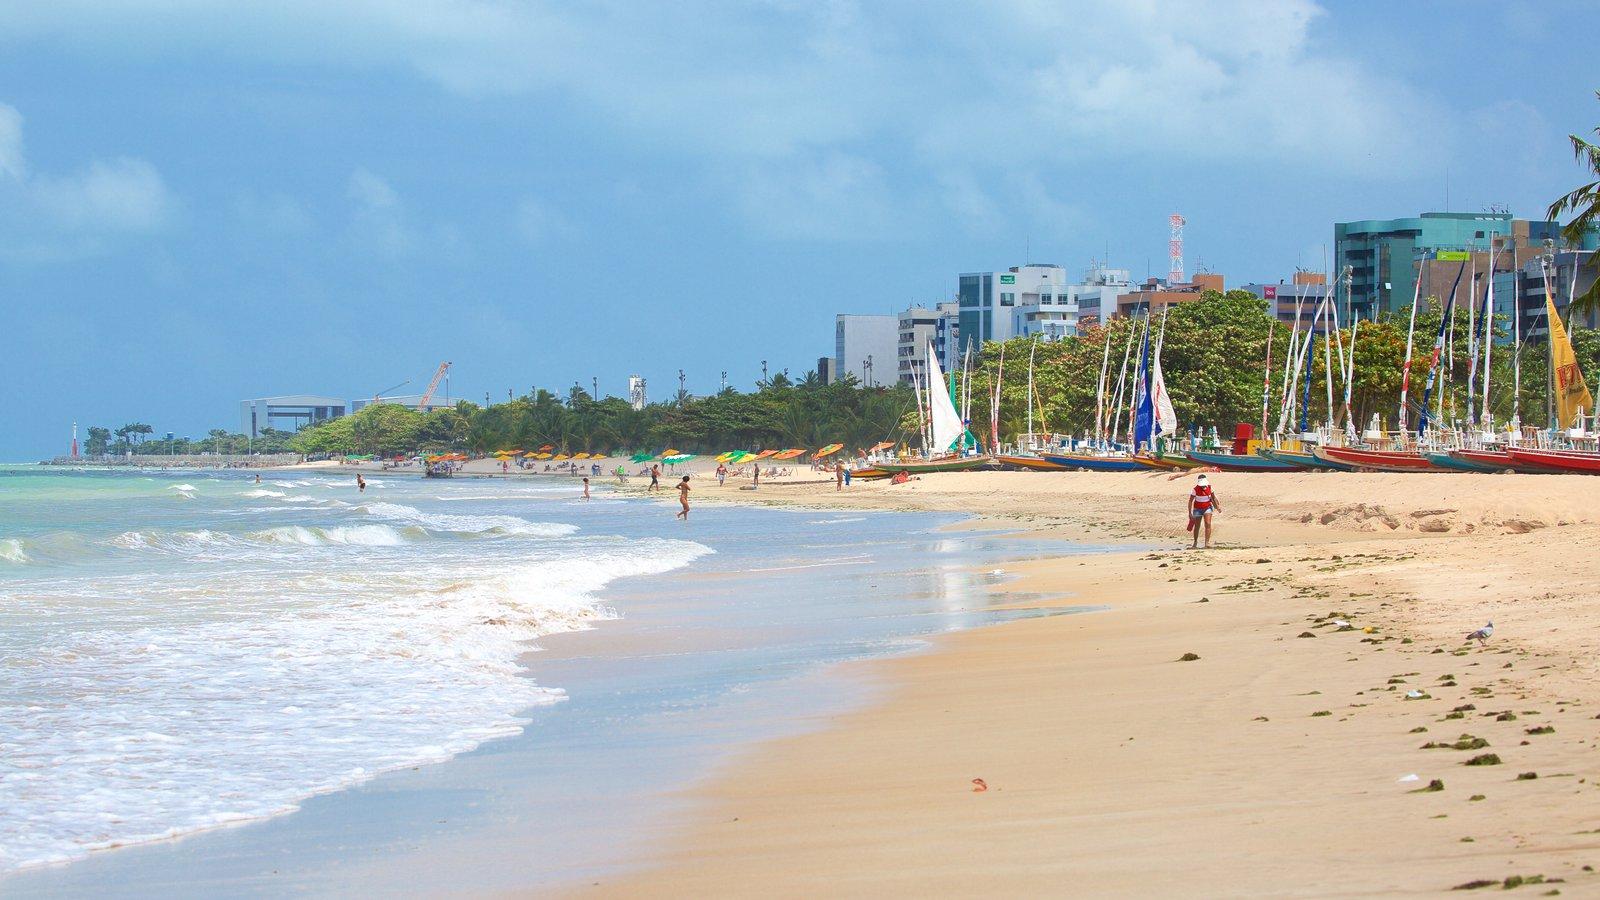 Praia de Pajuçara mostrando vela, uma praia e paisagens litorâneas